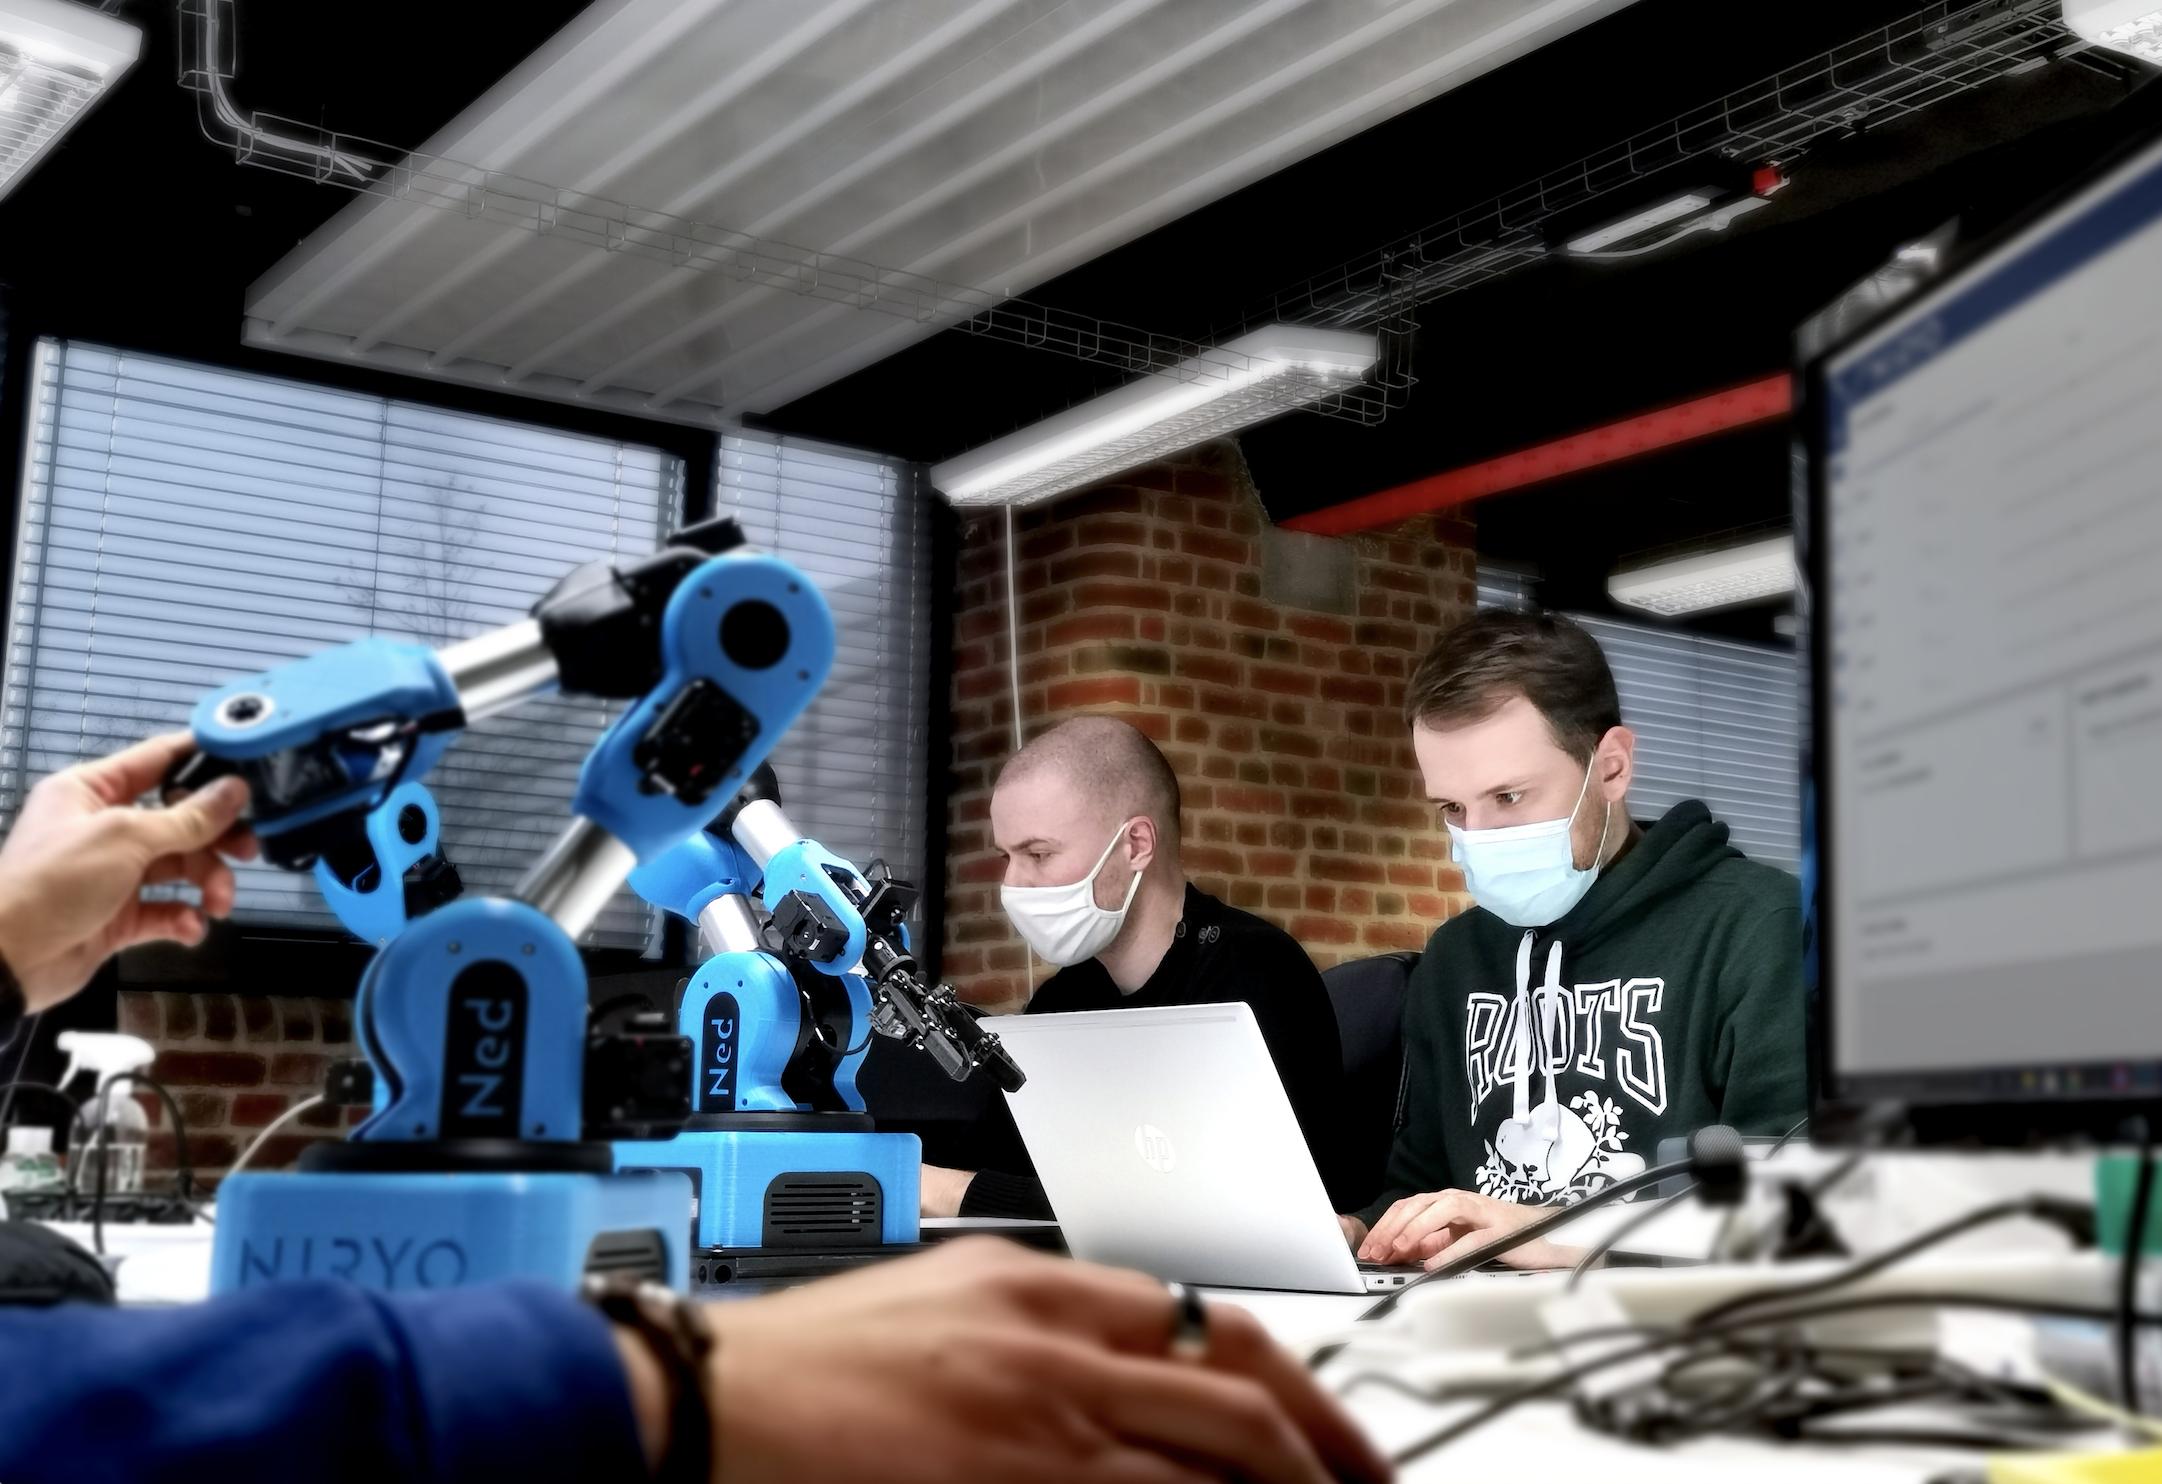 La spécialiste de la robotique collaborative Niryo veut accélérer son développement, notamment à l'international, avec ses robots faciles d'accès.